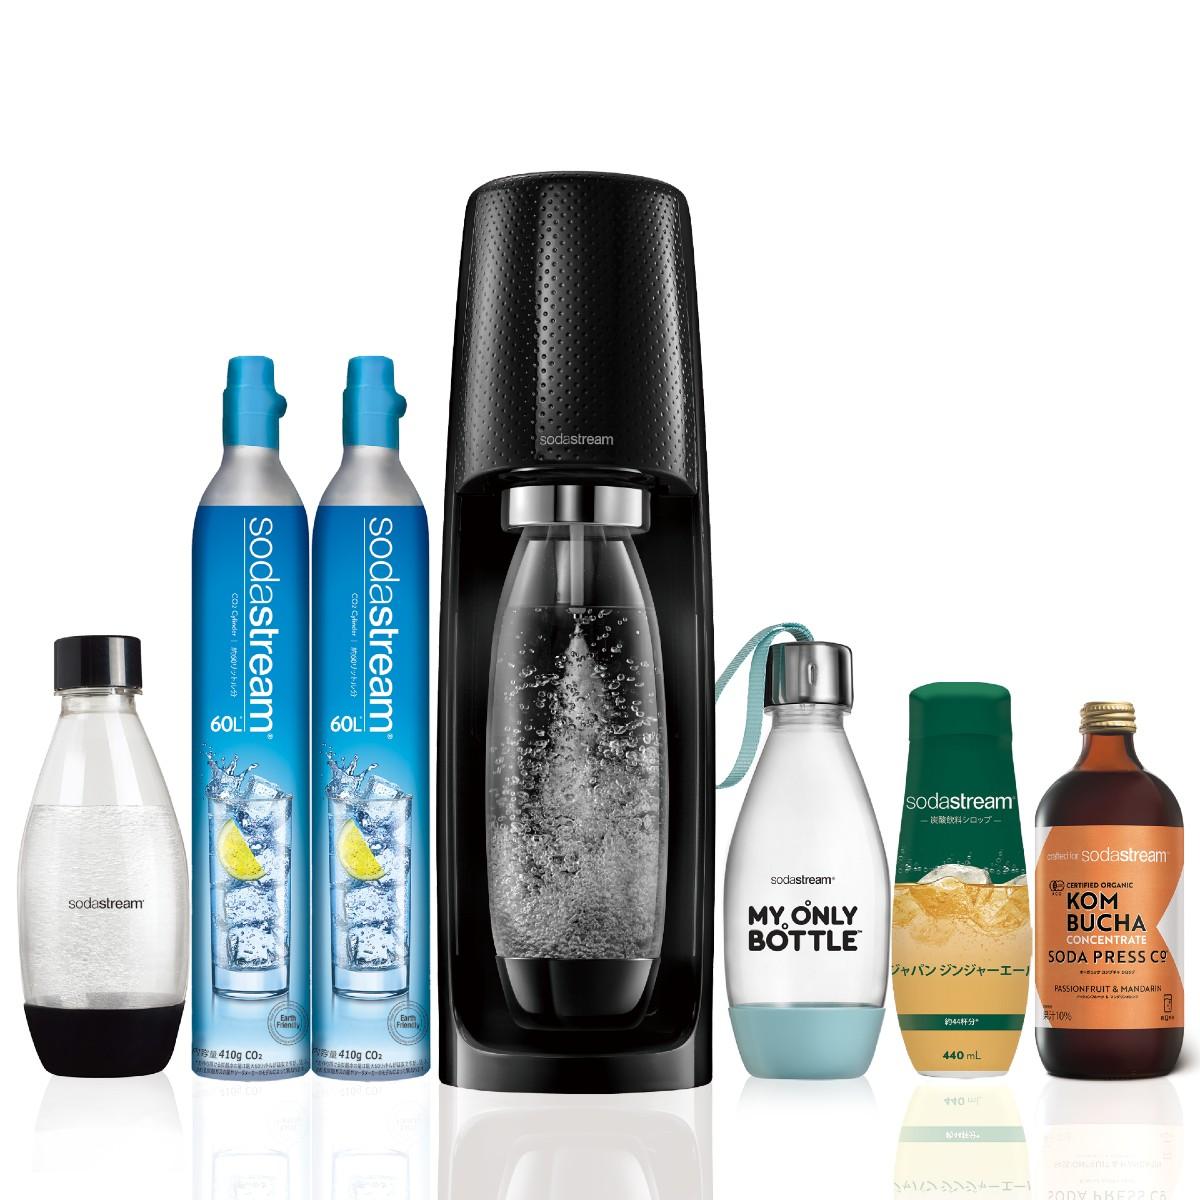 普段の水をわずか数秒で炭酸水にできる炭酸水メーカー。オーガニックシロップがセットになった特別パッケージ。 ソーダストリーム Spirit(黒) スターターキット 特別パッケージ